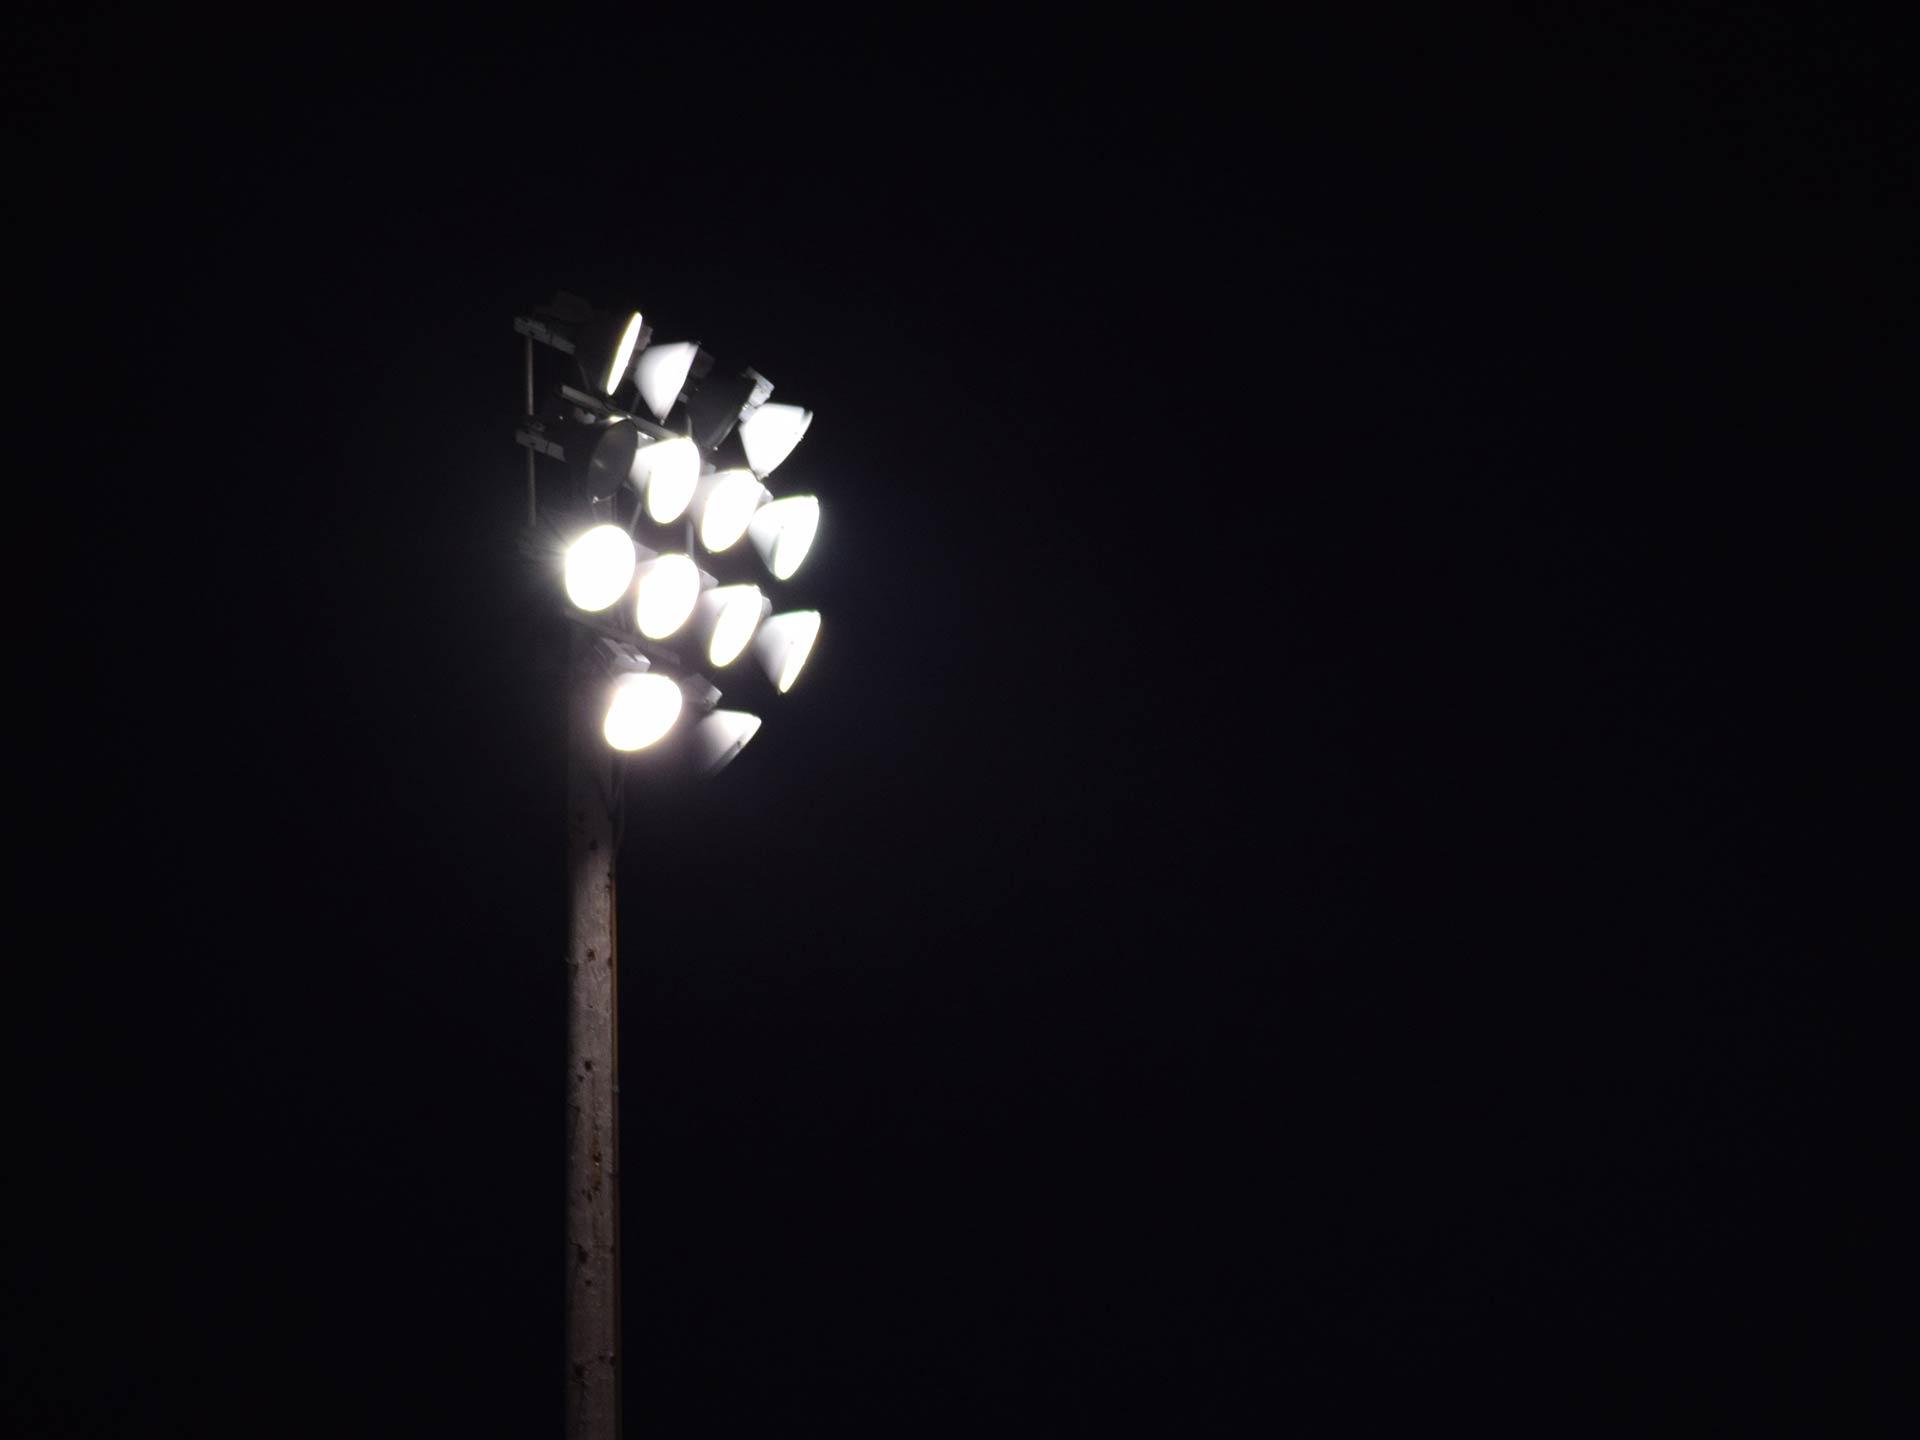 Impianto illuminazione - Noleggiocampi.it